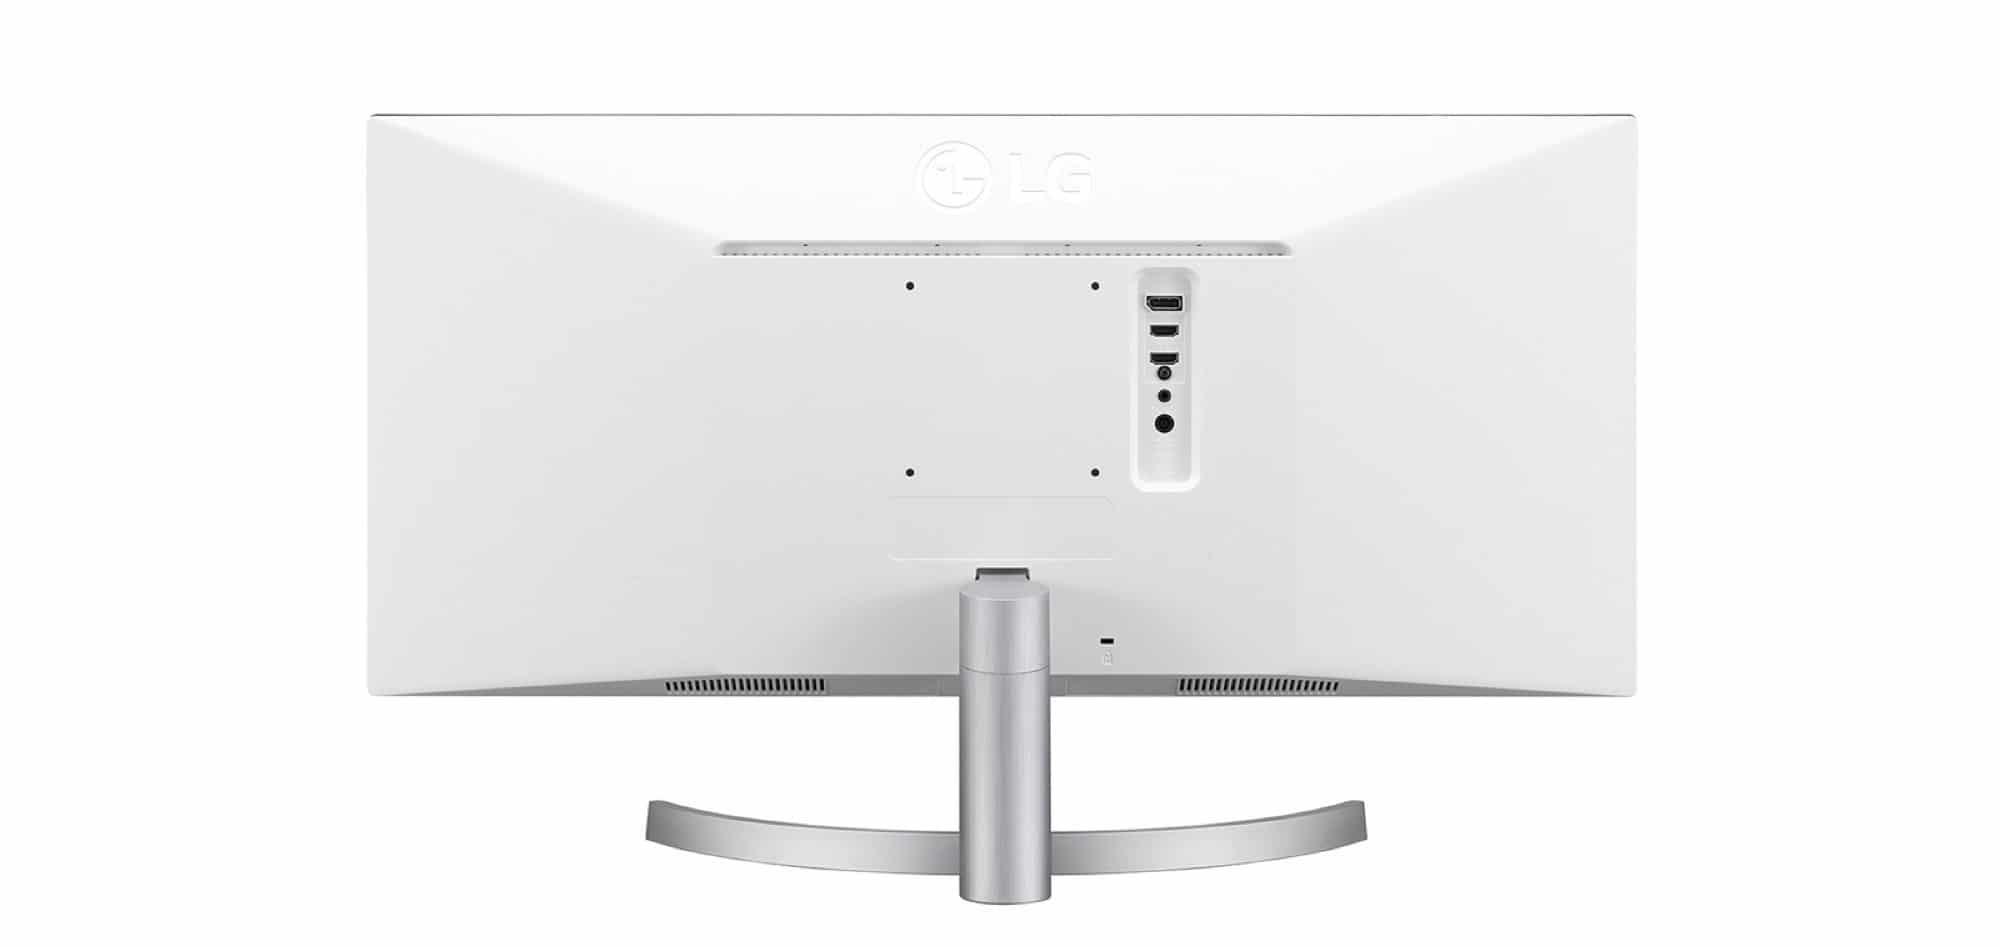 lg 29wk600 ultrawide จอคอมพิวเตอร์ จอคอม - รีวิว LG 29WK600 จอ UltraWide สุดคุ้ม 6850 บาท จาก BaNANA